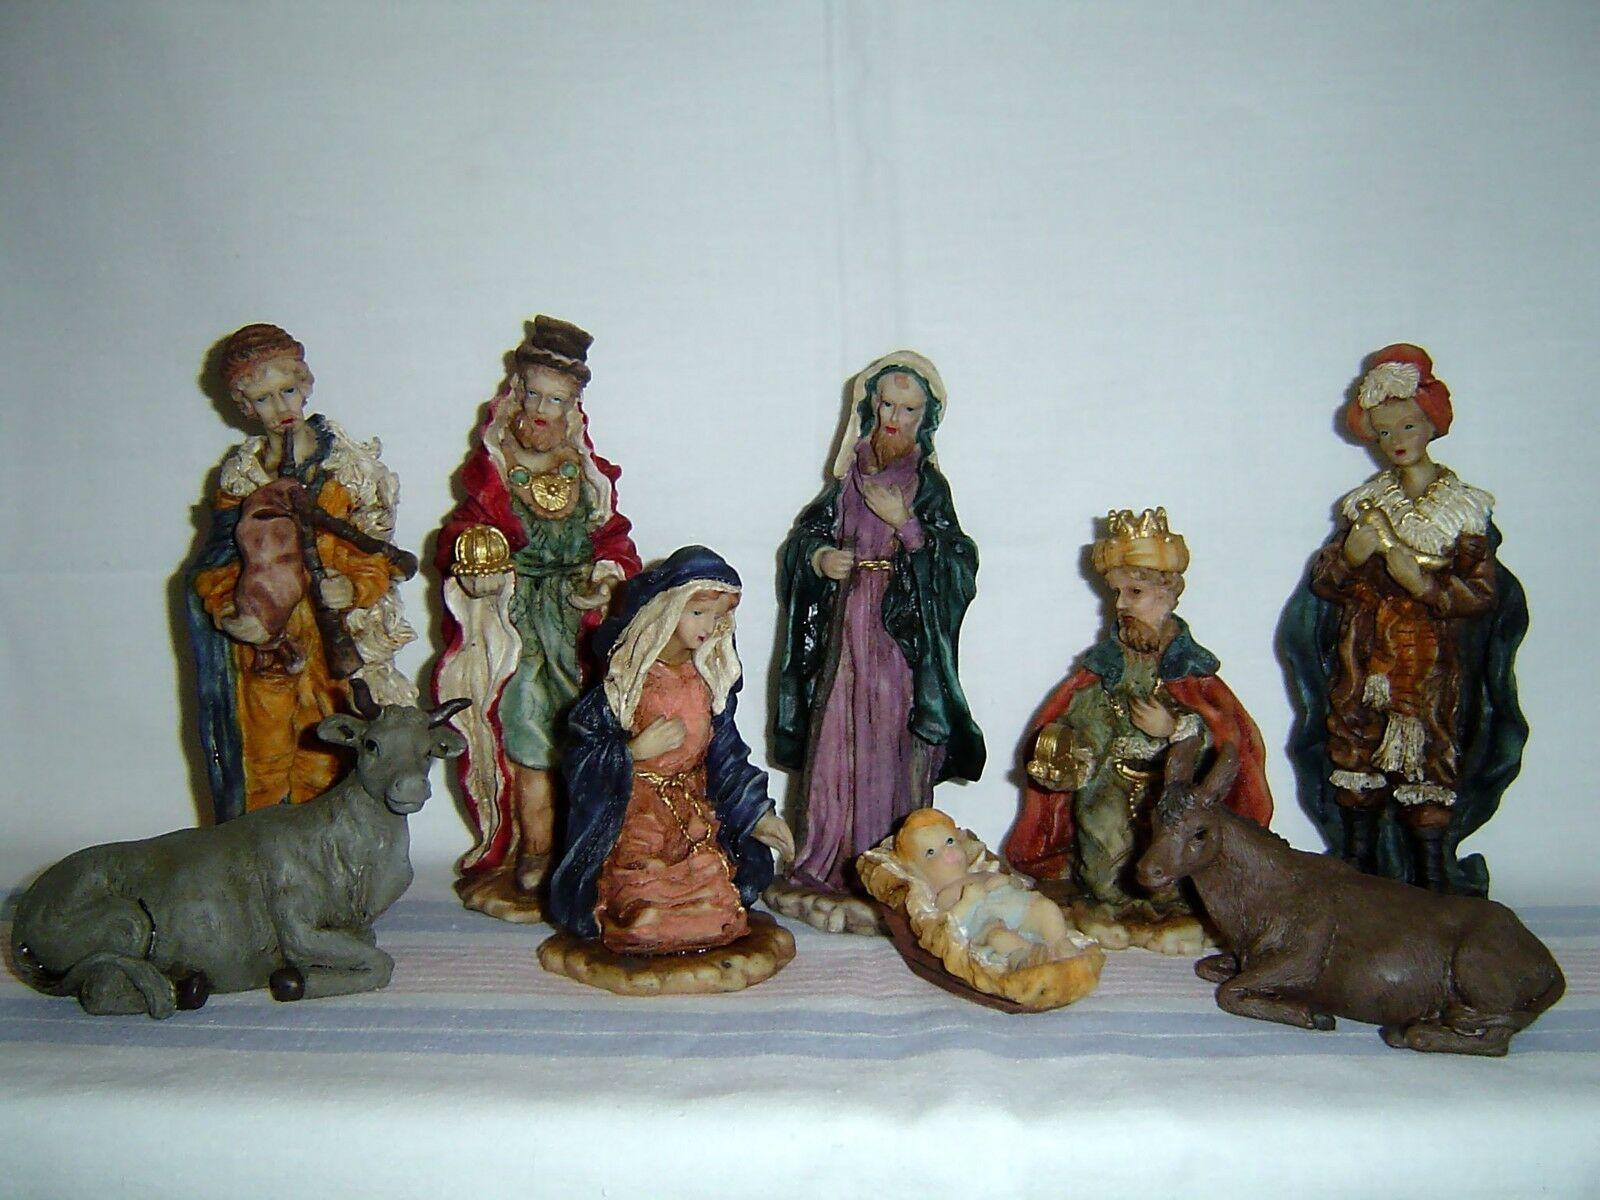 9 teilige Polystone Krippe Figuren Satz Christi Geburt Krippenfiguren 15cm 15cm 15cm 63006   Um Zuerst Unter ähnlichen Produkten Rang  ecc8e4